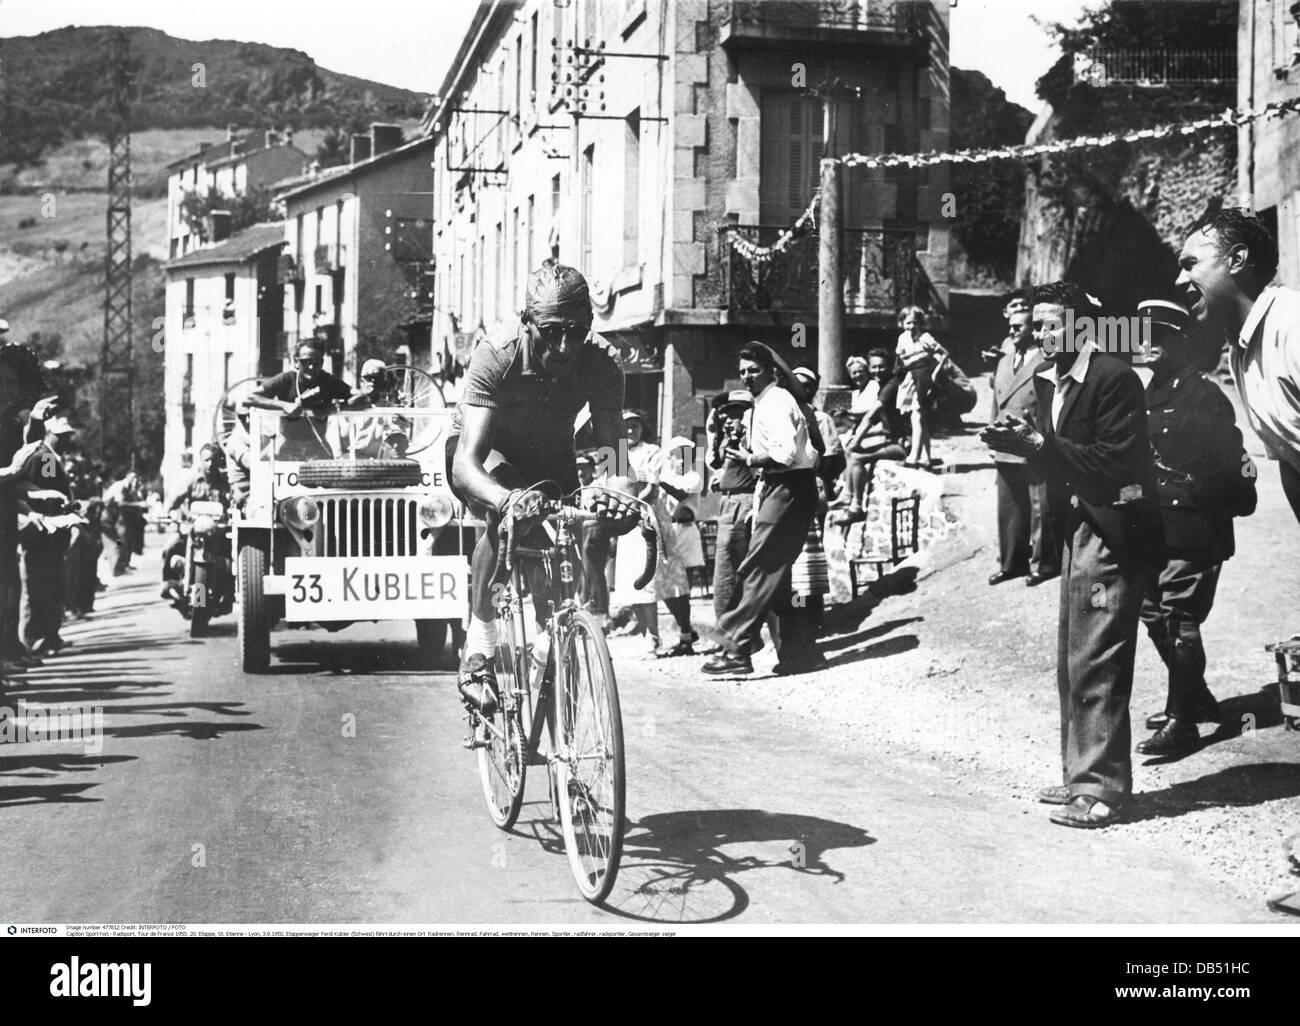 1950 Tour de France